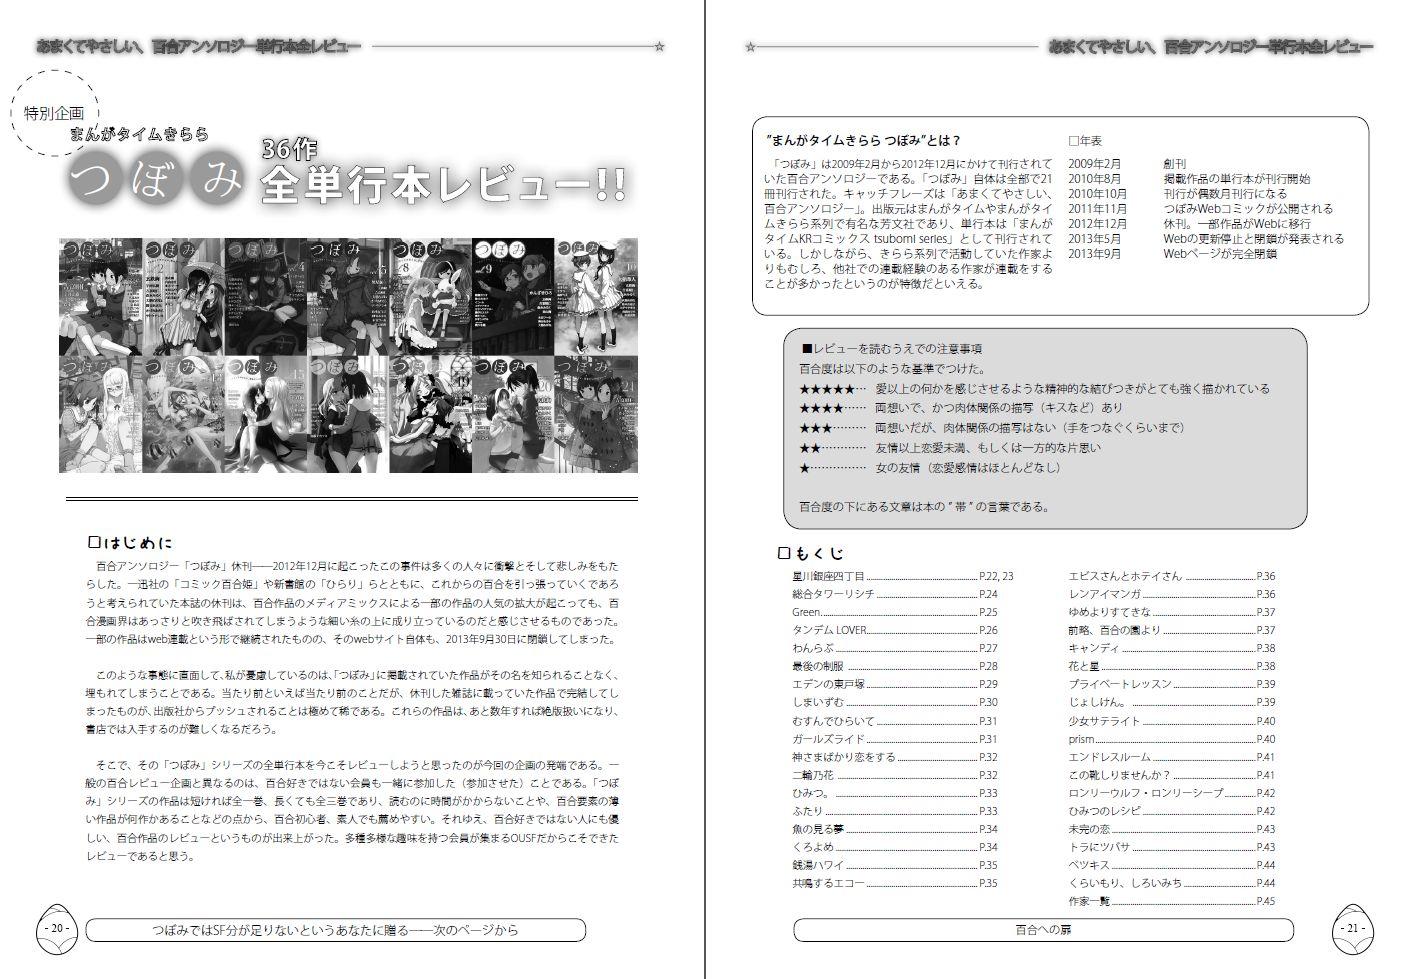 百合SFサンプル「つぼみ紹介」